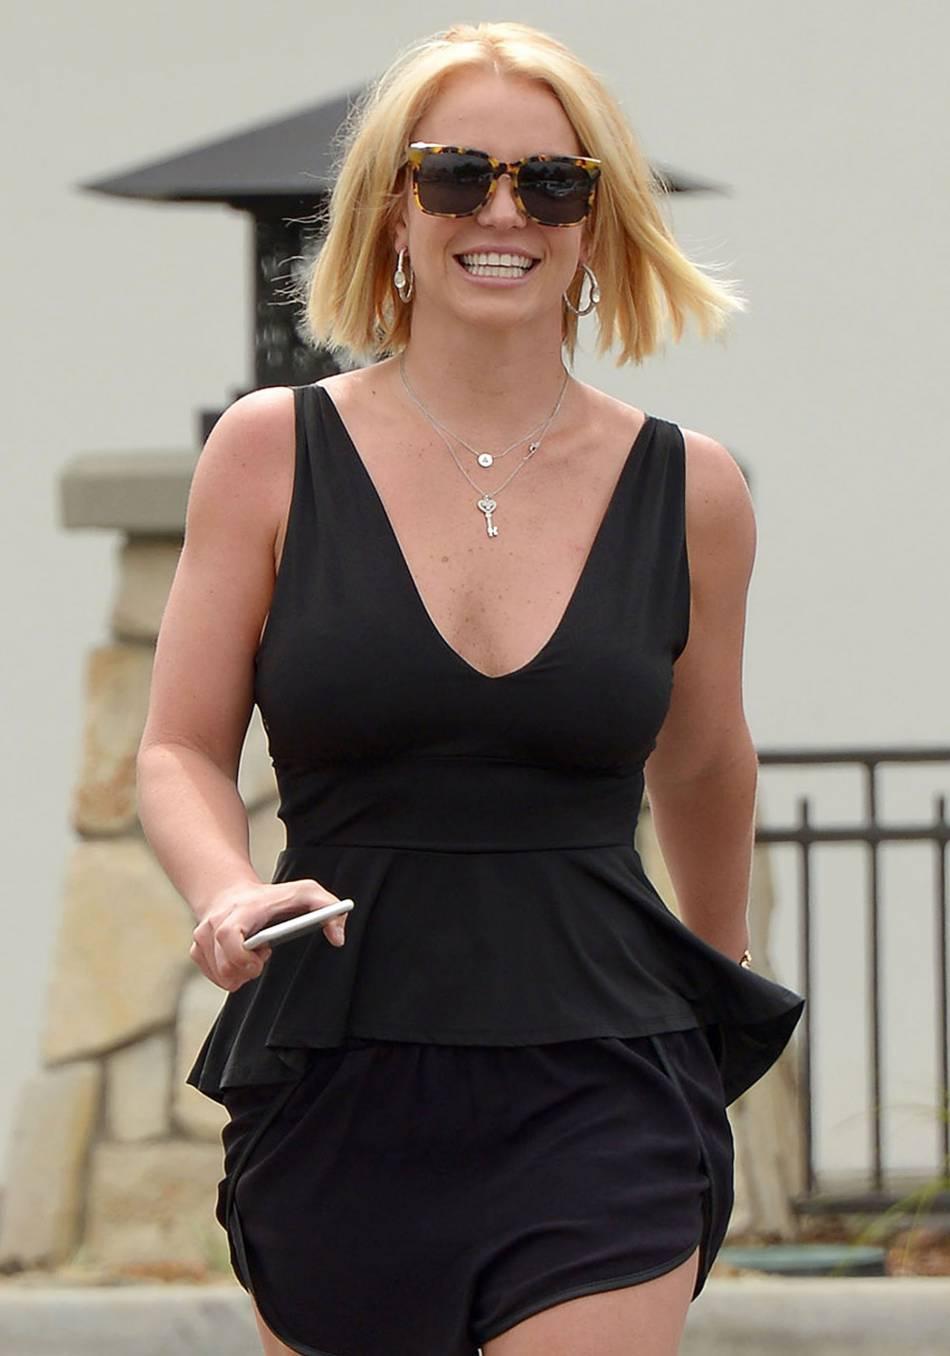 Depuis qu'elle a laissé tomber les extensions, Britney va beaucoup mieux.